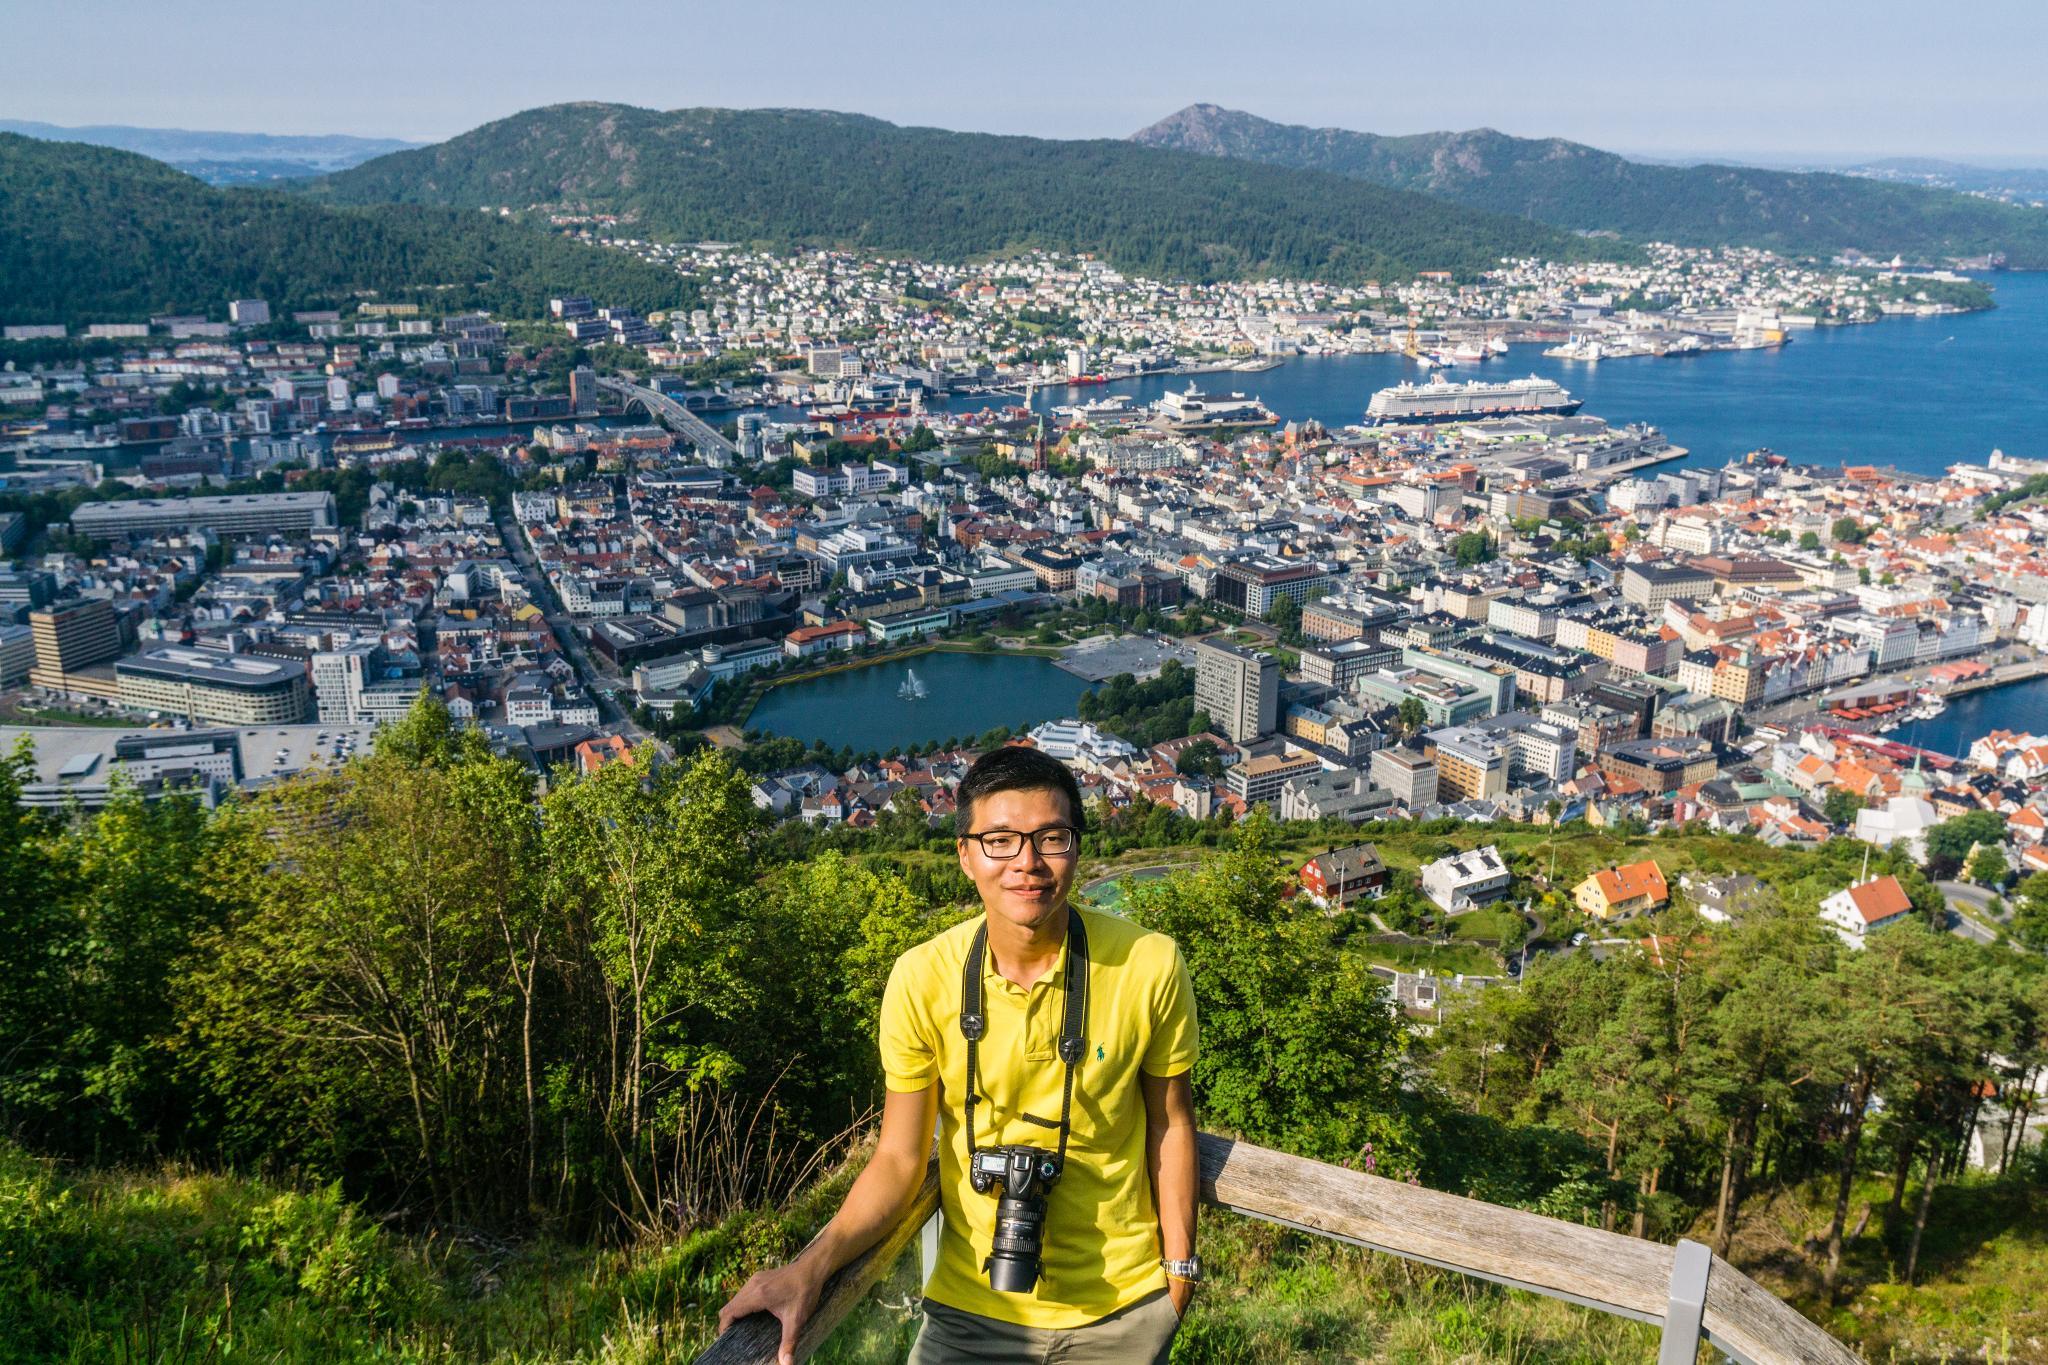 【卑爾根】超級震撼的隱藏版挪威景點 — Stoltzekleiven桑德維克斯石梯與Fløyen佛洛伊恩觀景台大縱走 32